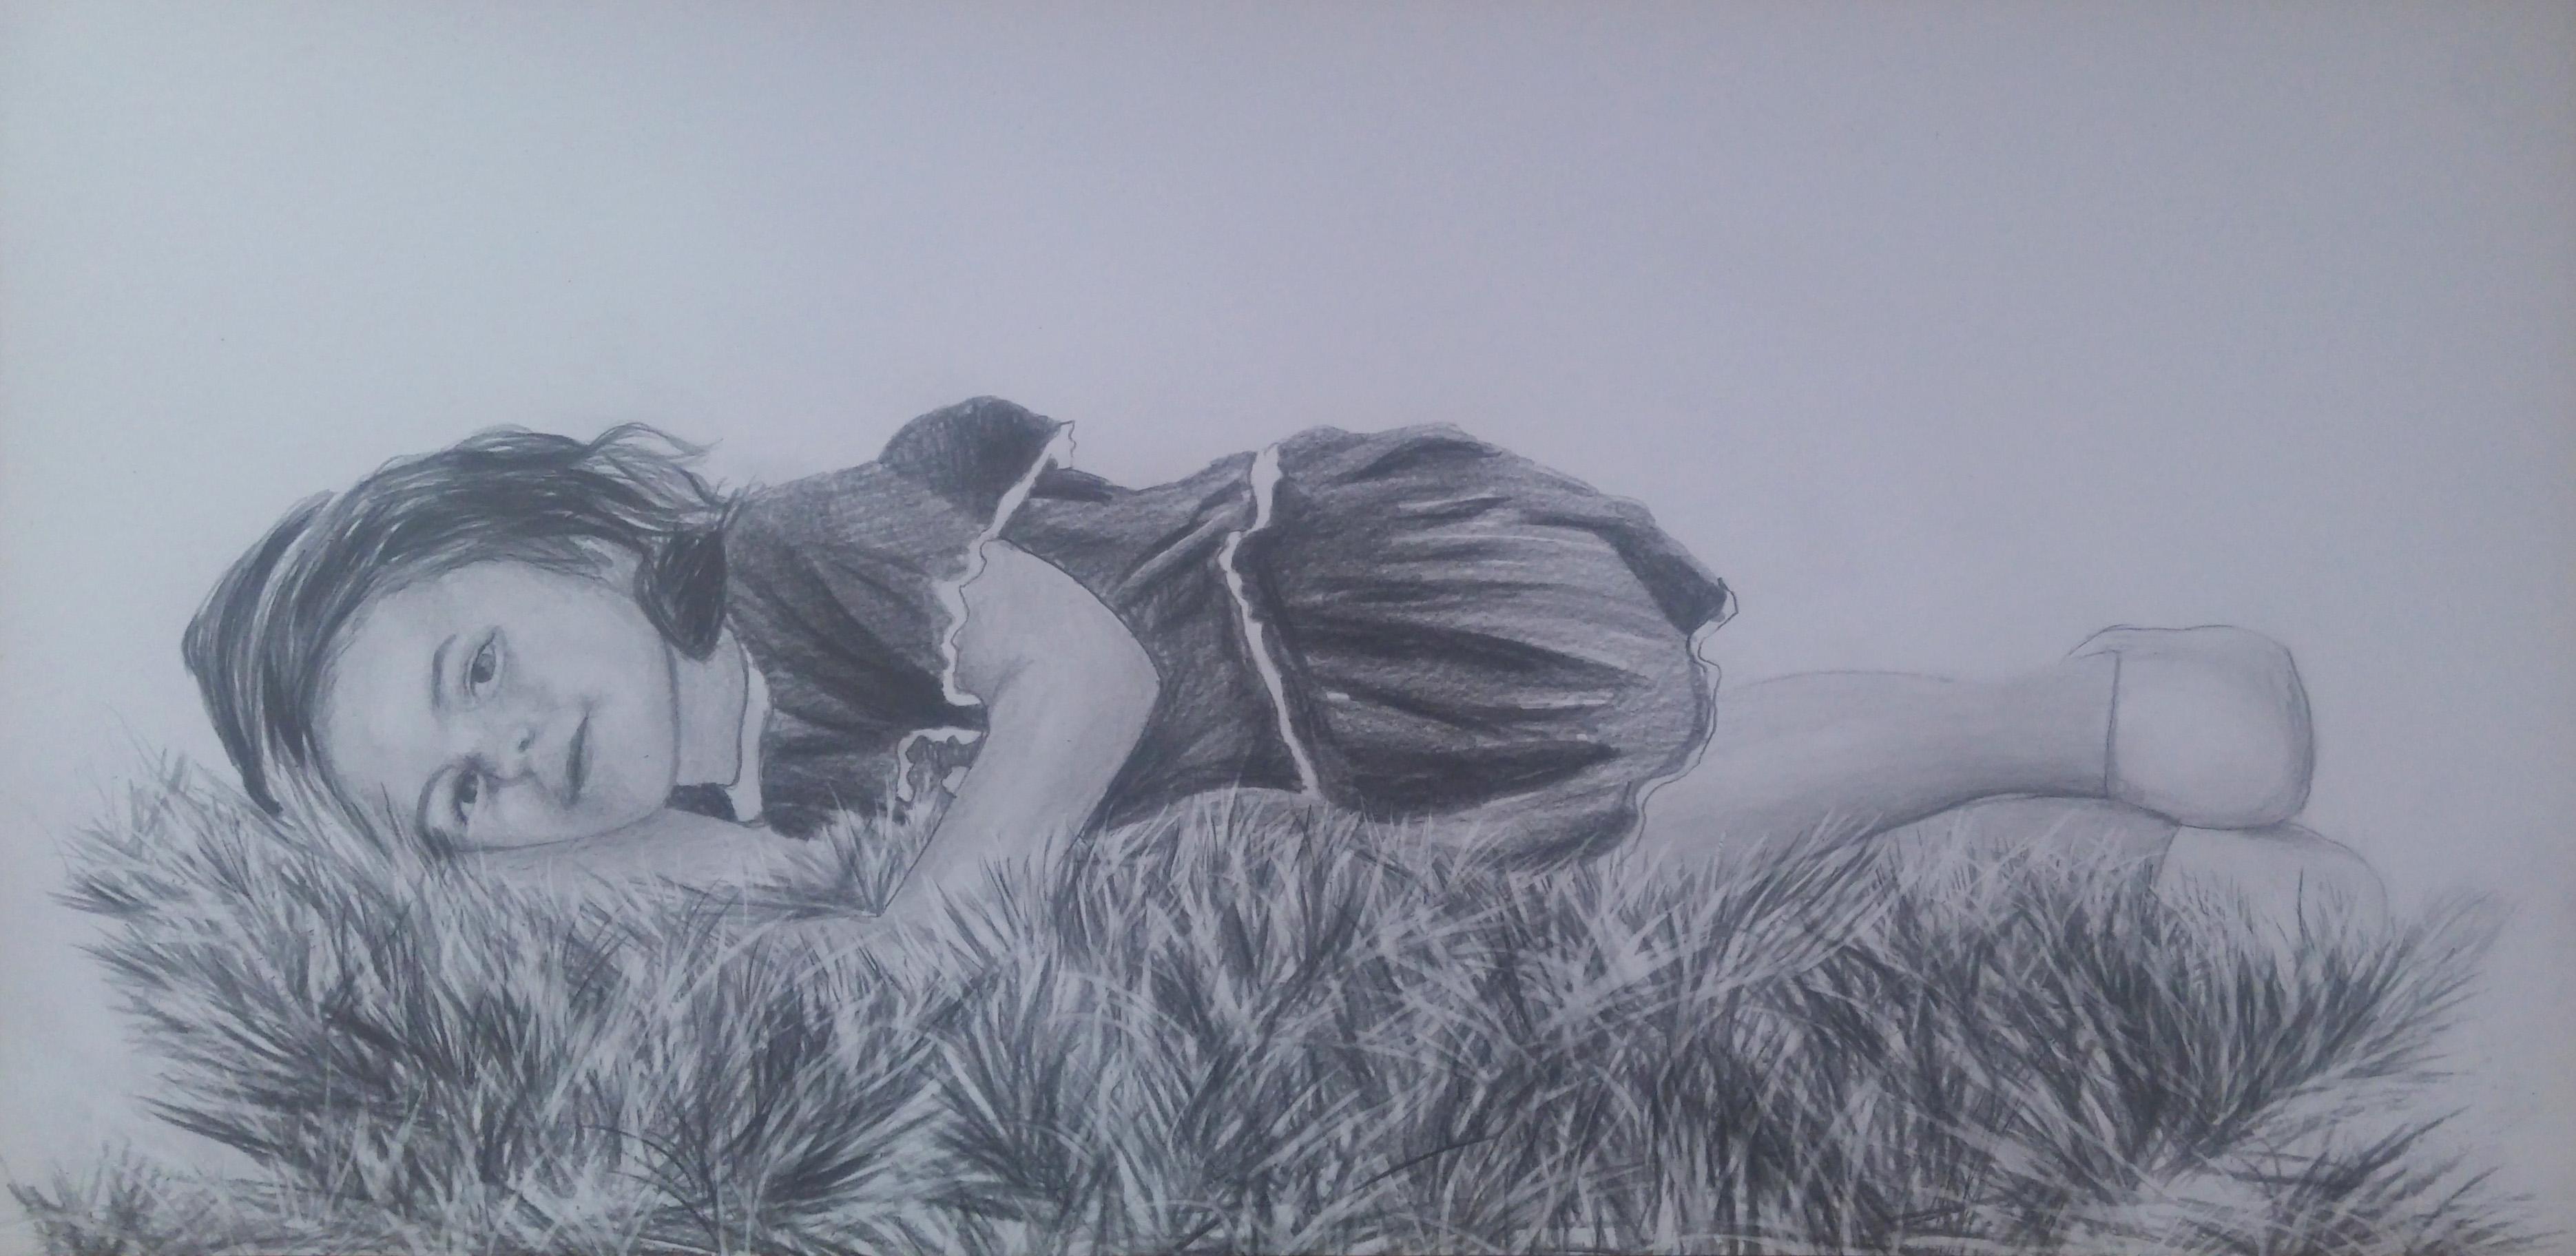 çimenler üzerinde çocuk